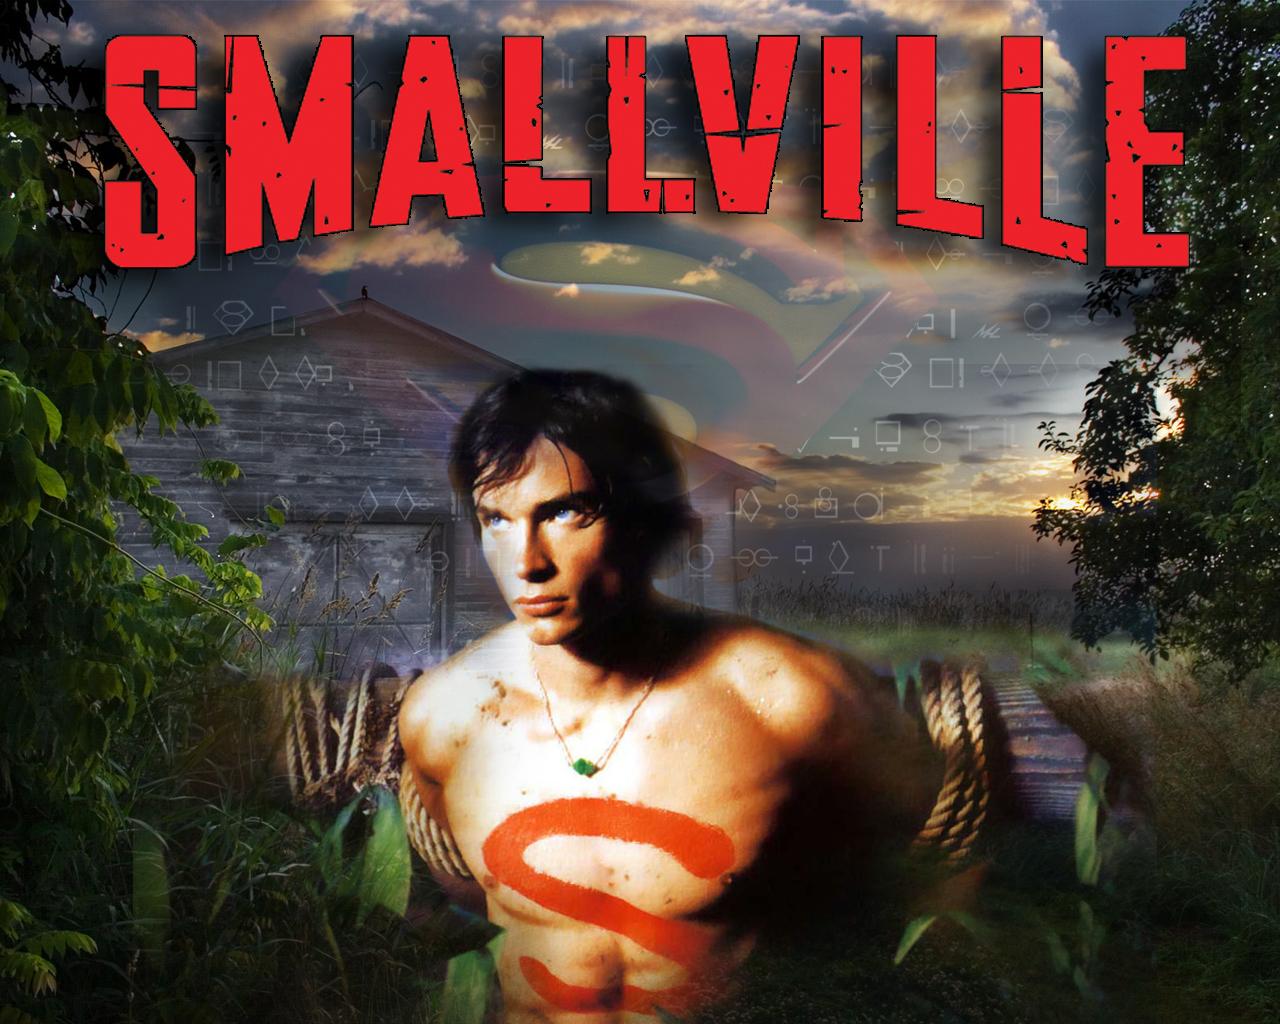 http://4.bp.blogspot.com/-5VpQCSr9zyA/Tc6_8R10ElI/AAAAAAAAACM/Ao7guZoFHQU/s1600/smallville_7.jpg